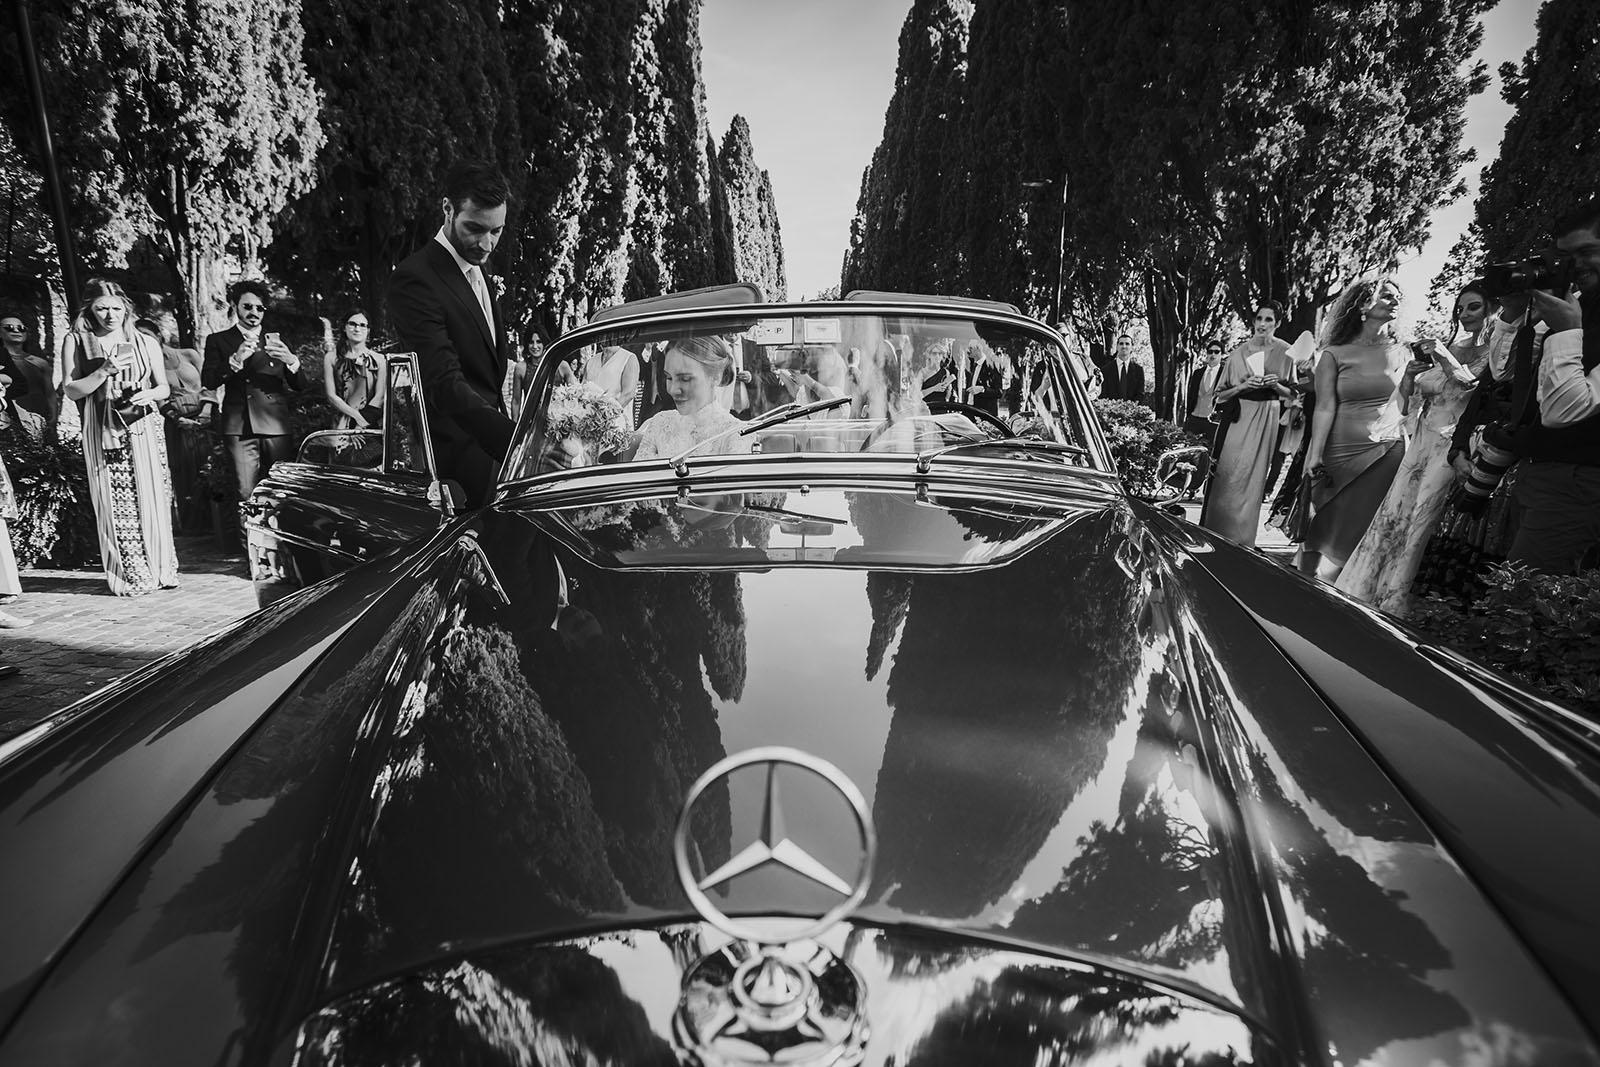 Contatti fotografi di matrimonio a Vicenza – Nerosubianco